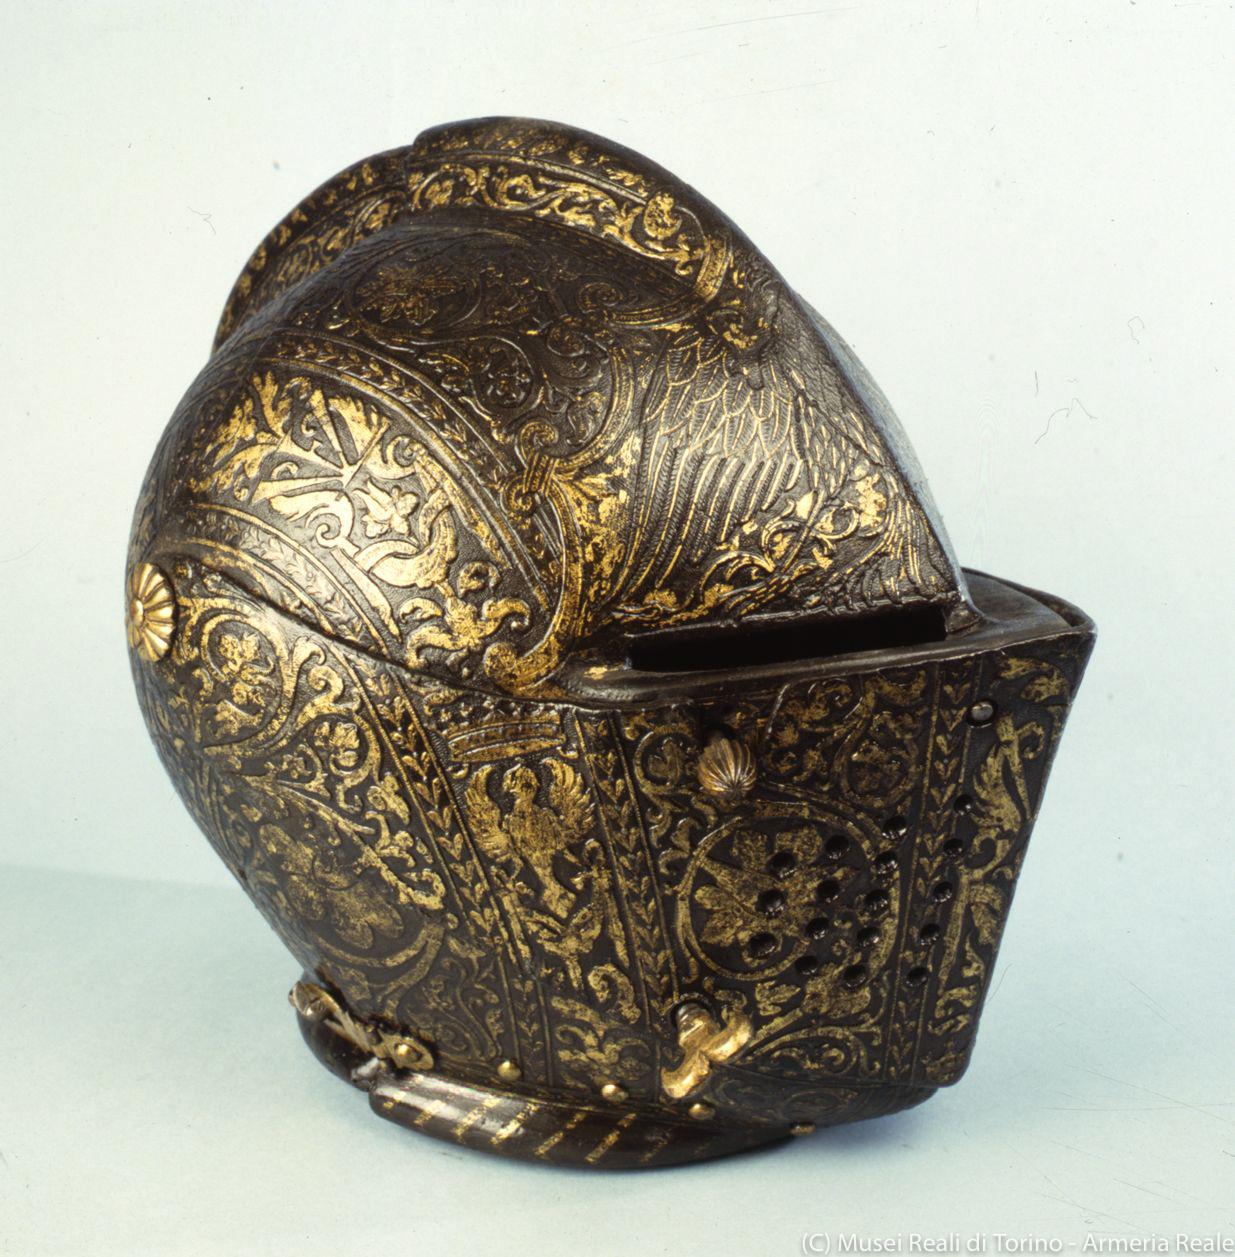 ポンペオ・デッラ・カーザに帰属の《ヴィンチェンツォ1世・ゴンザーガの冑》(1584年頃、トリノ王立兵器博物館)